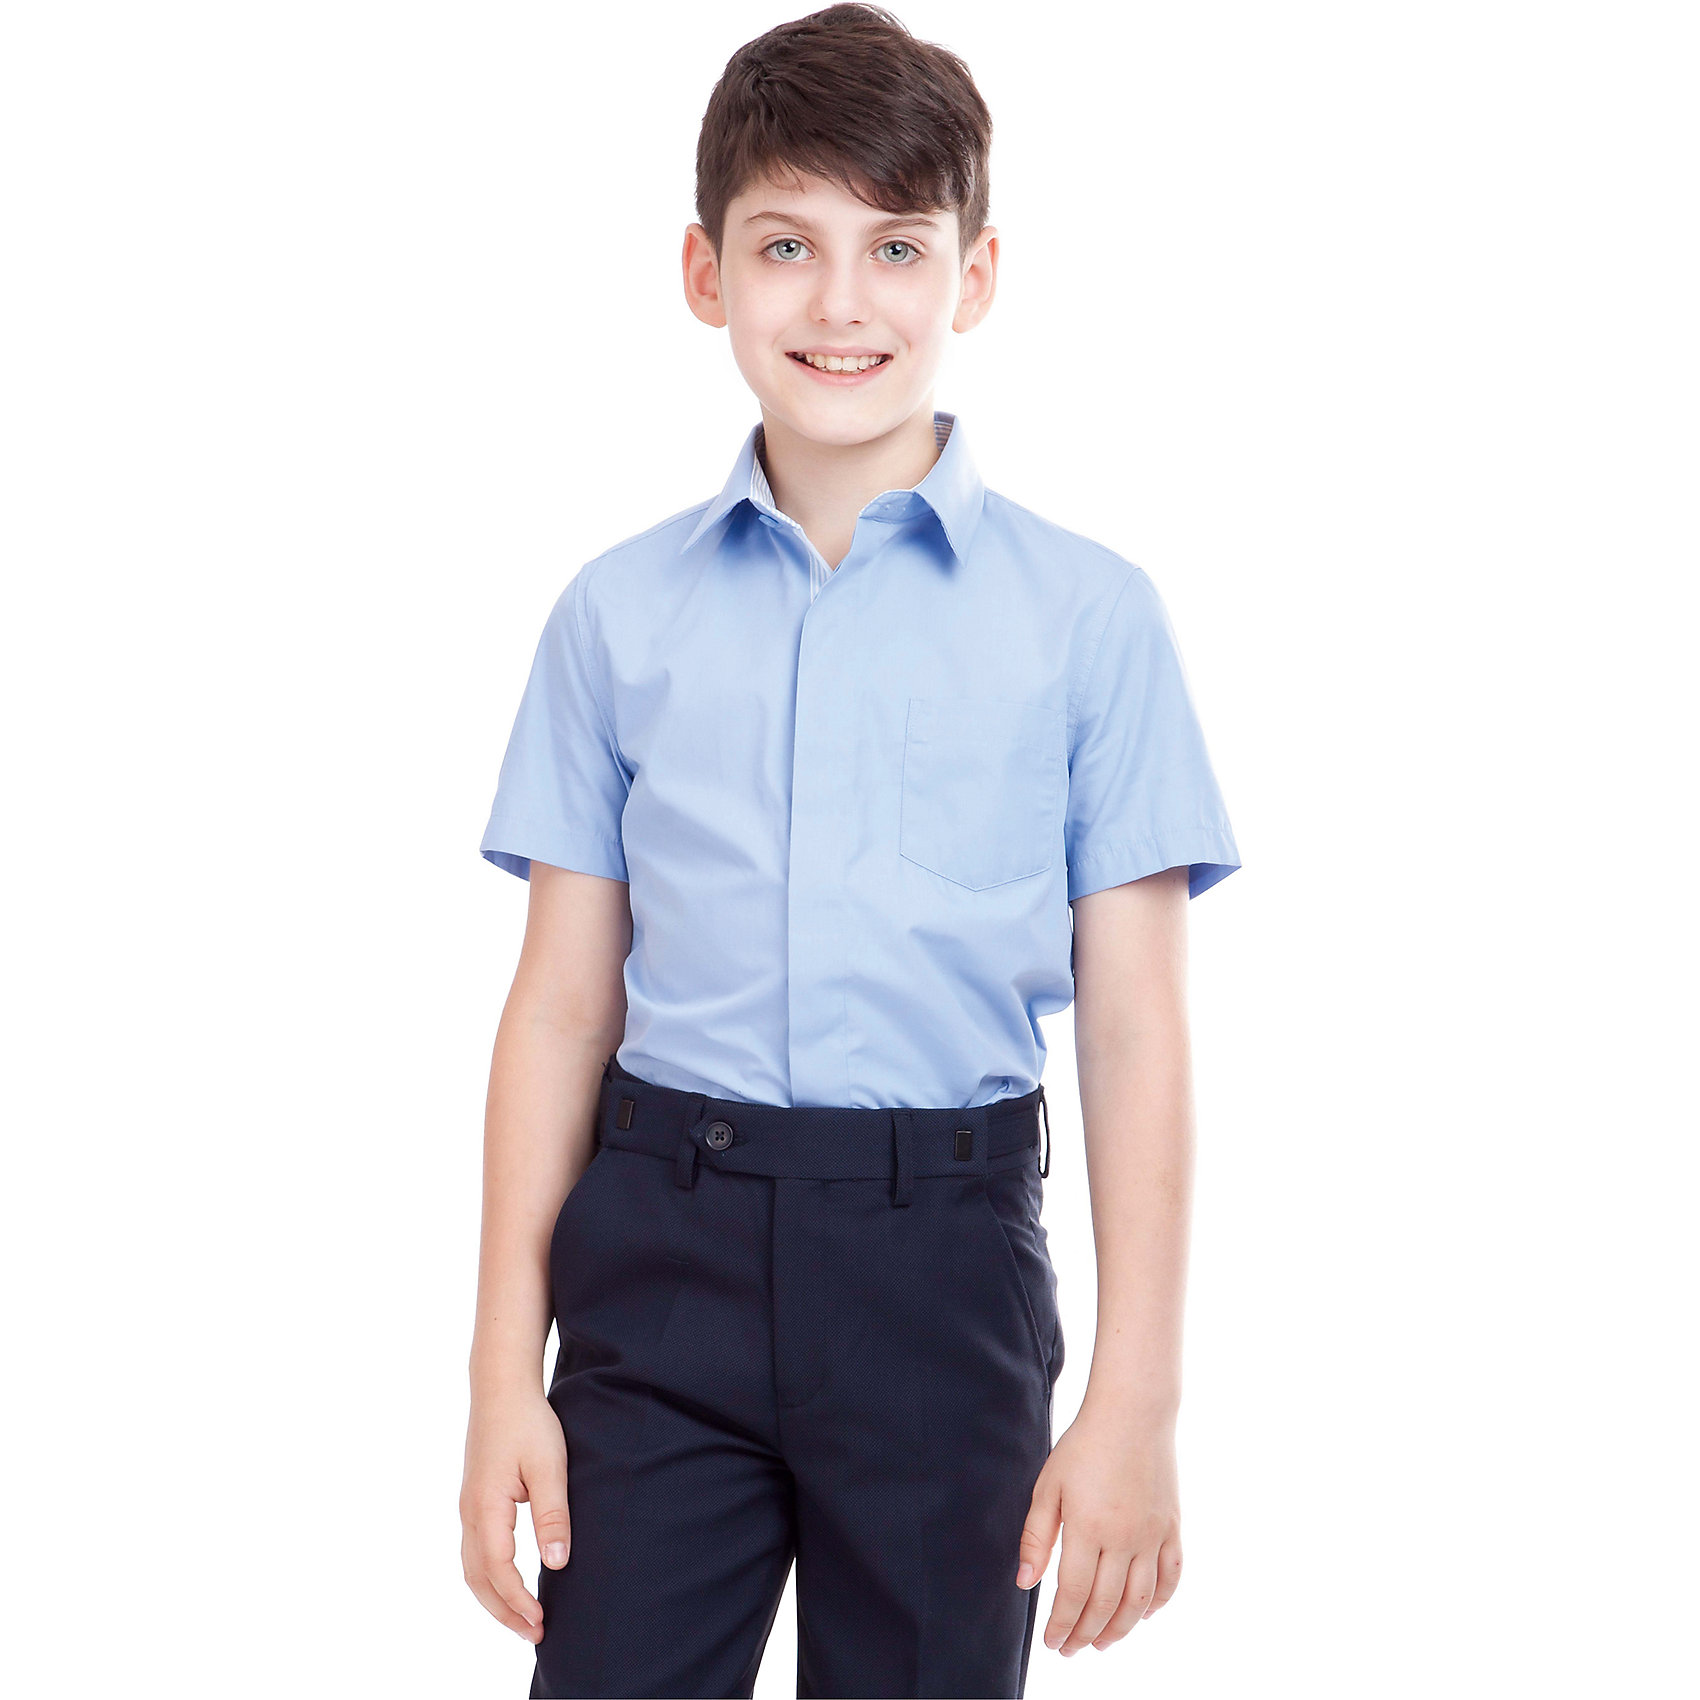 Рубашка для мальчика GulliverРубашка для мальчика от российского бренда Gulliver.<br>Классическая белая рубашка с коротким рукавом должна быть и в зимнем гардеробе школьника, ведь в школе бывает очень жарко.  Современный крой обеспечивает прекрасную посадку изделия на фигуре.<br>Состав:<br>80%Хлопок 20%Полиэстер<br><br>Ширина мм: 174<br>Глубина мм: 10<br>Высота мм: 169<br>Вес г: 157<br>Цвет: голубой<br>Возраст от месяцев: 72<br>Возраст до месяцев: 84<br>Пол: Мужской<br>Возраст: Детский<br>Размер: 122,164,128,134,140,146,152,158<br>SKU: 4174542